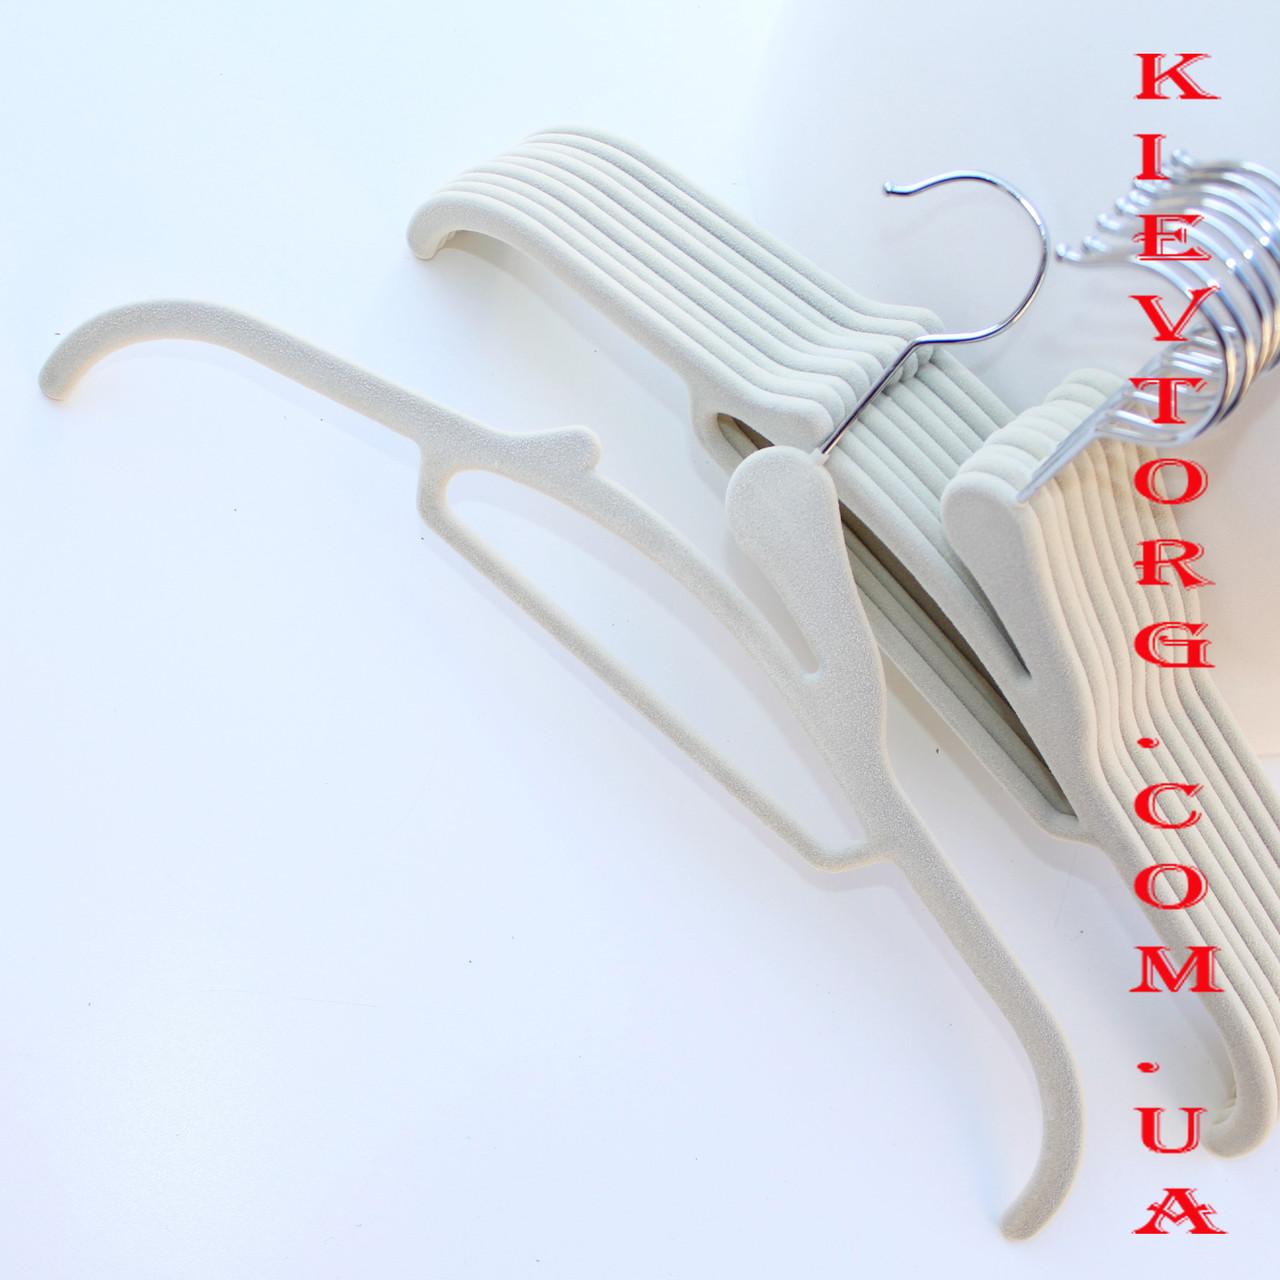 Плечики вешалки флокированные (бархатные, велюровые) бежевые, 41 см, 5 шт